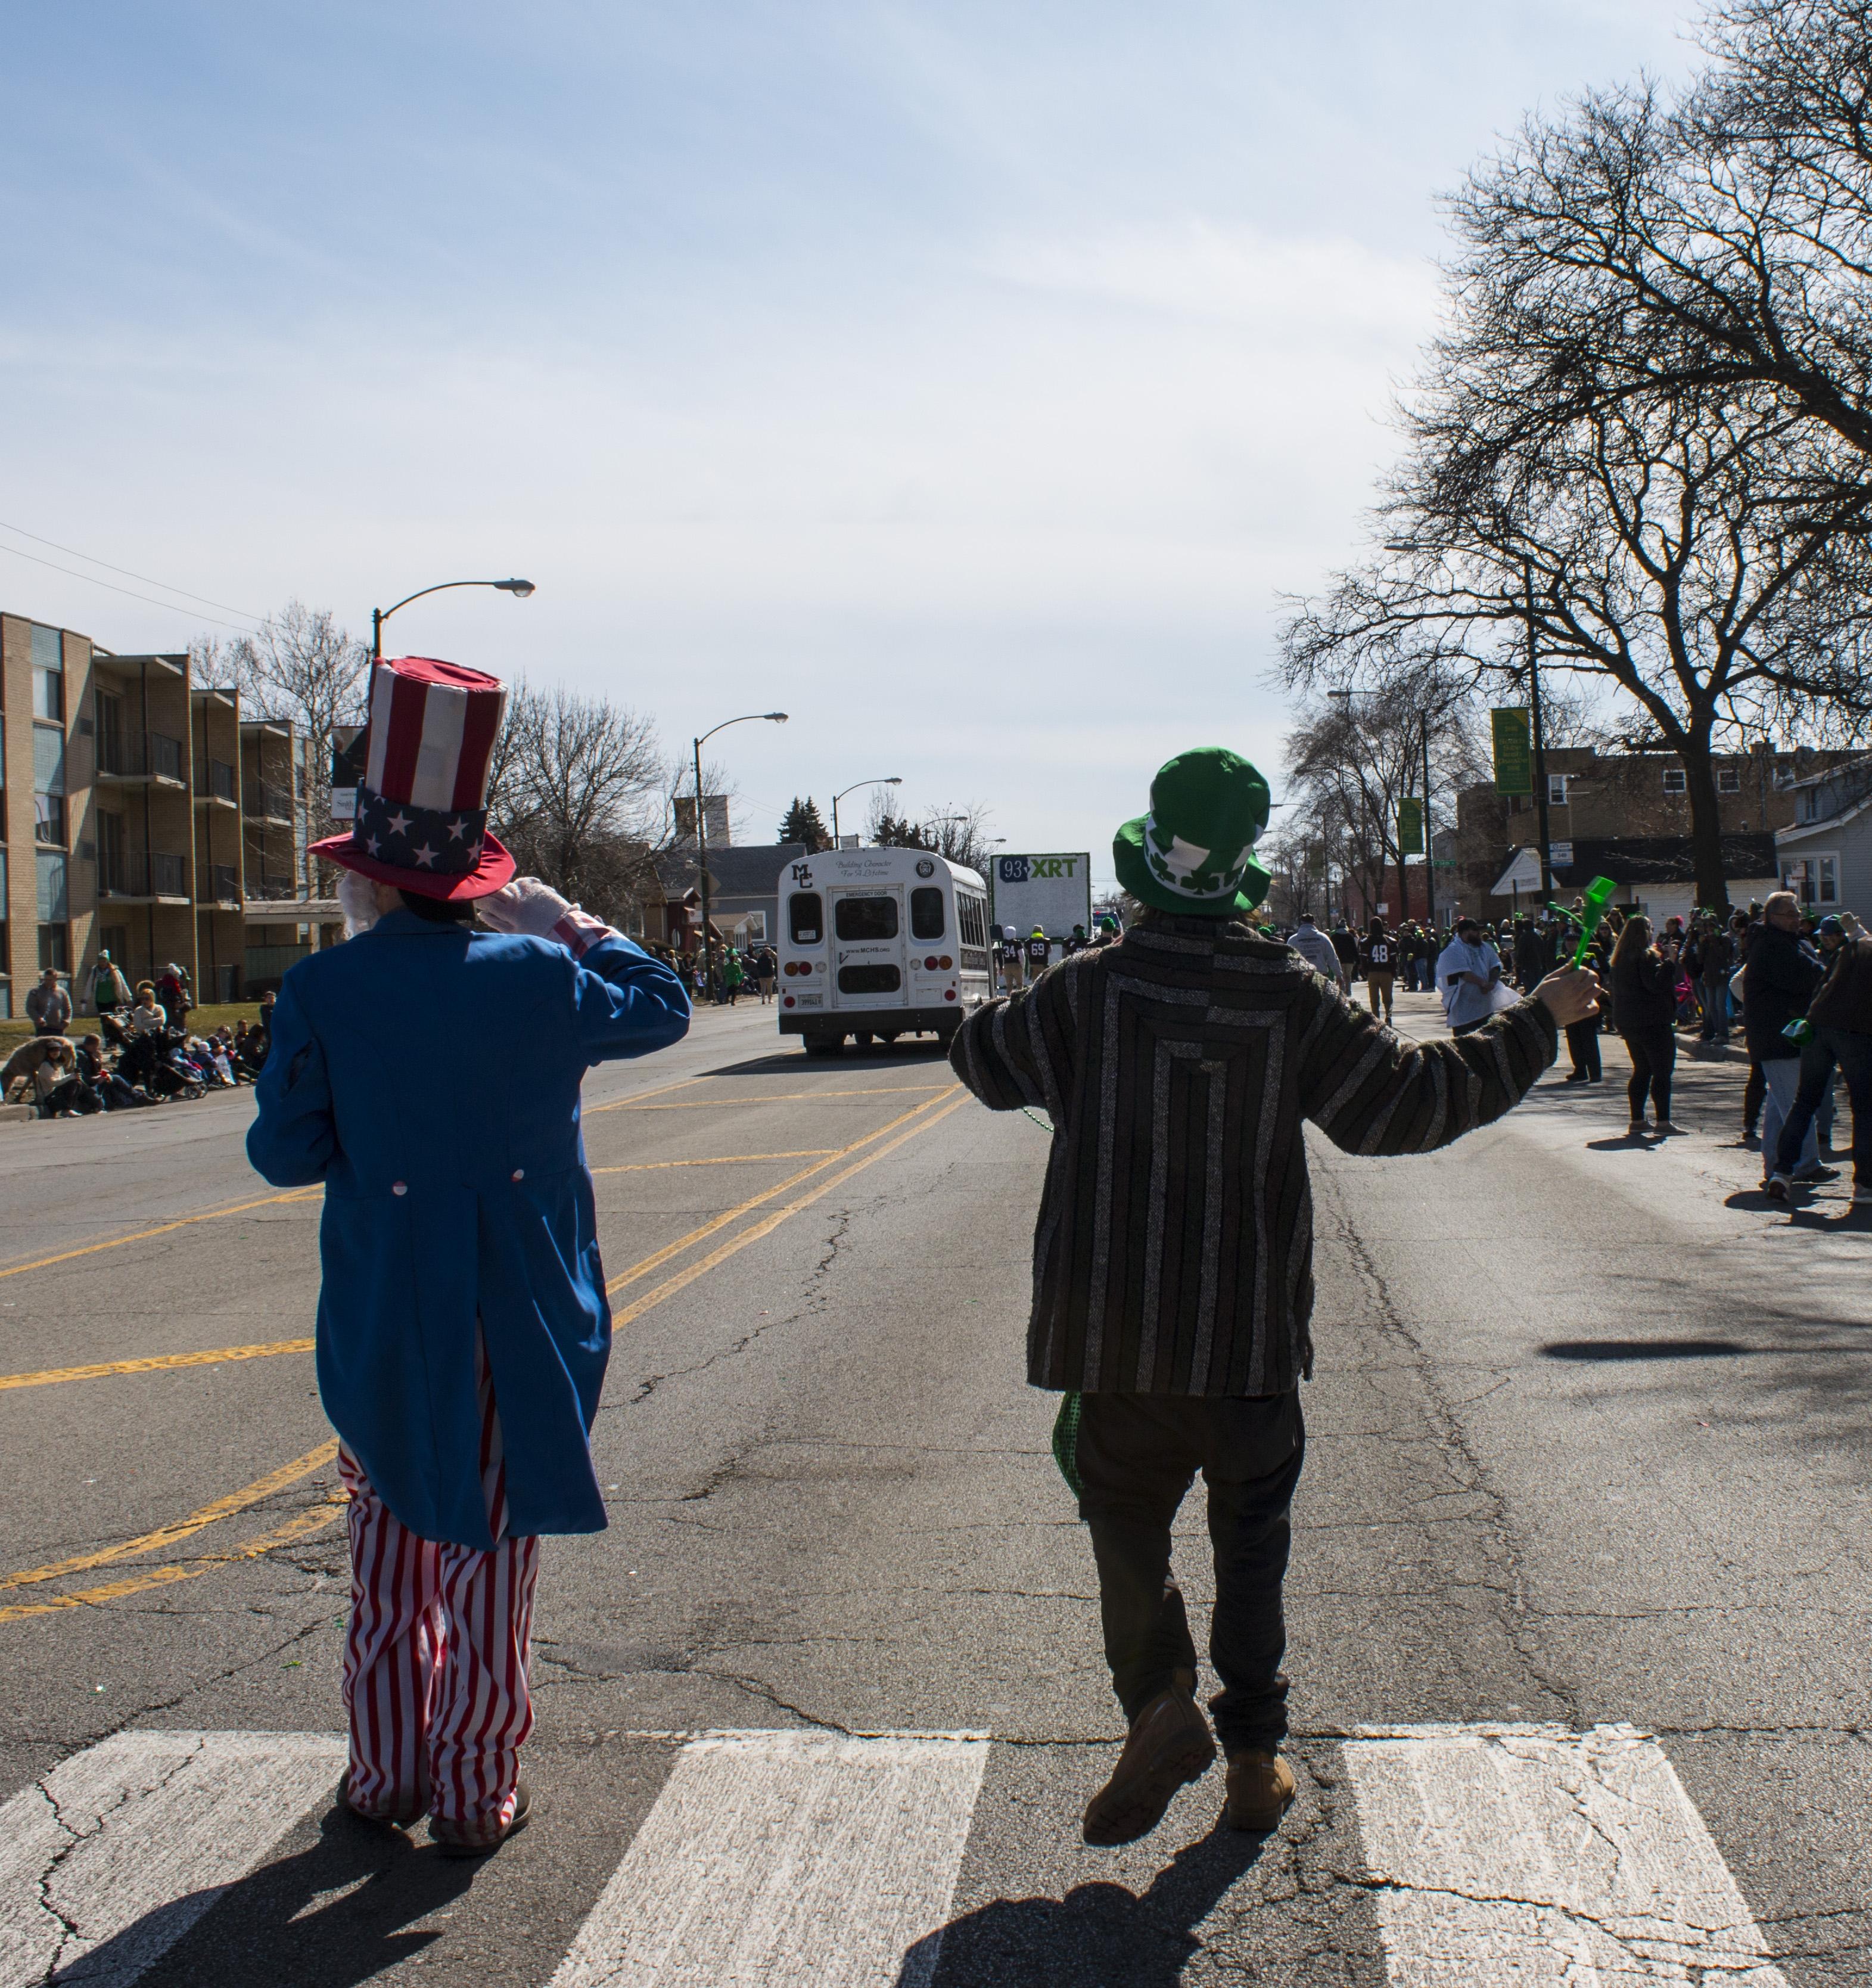 Southside-Chicago-Parade-20182018-2018_63